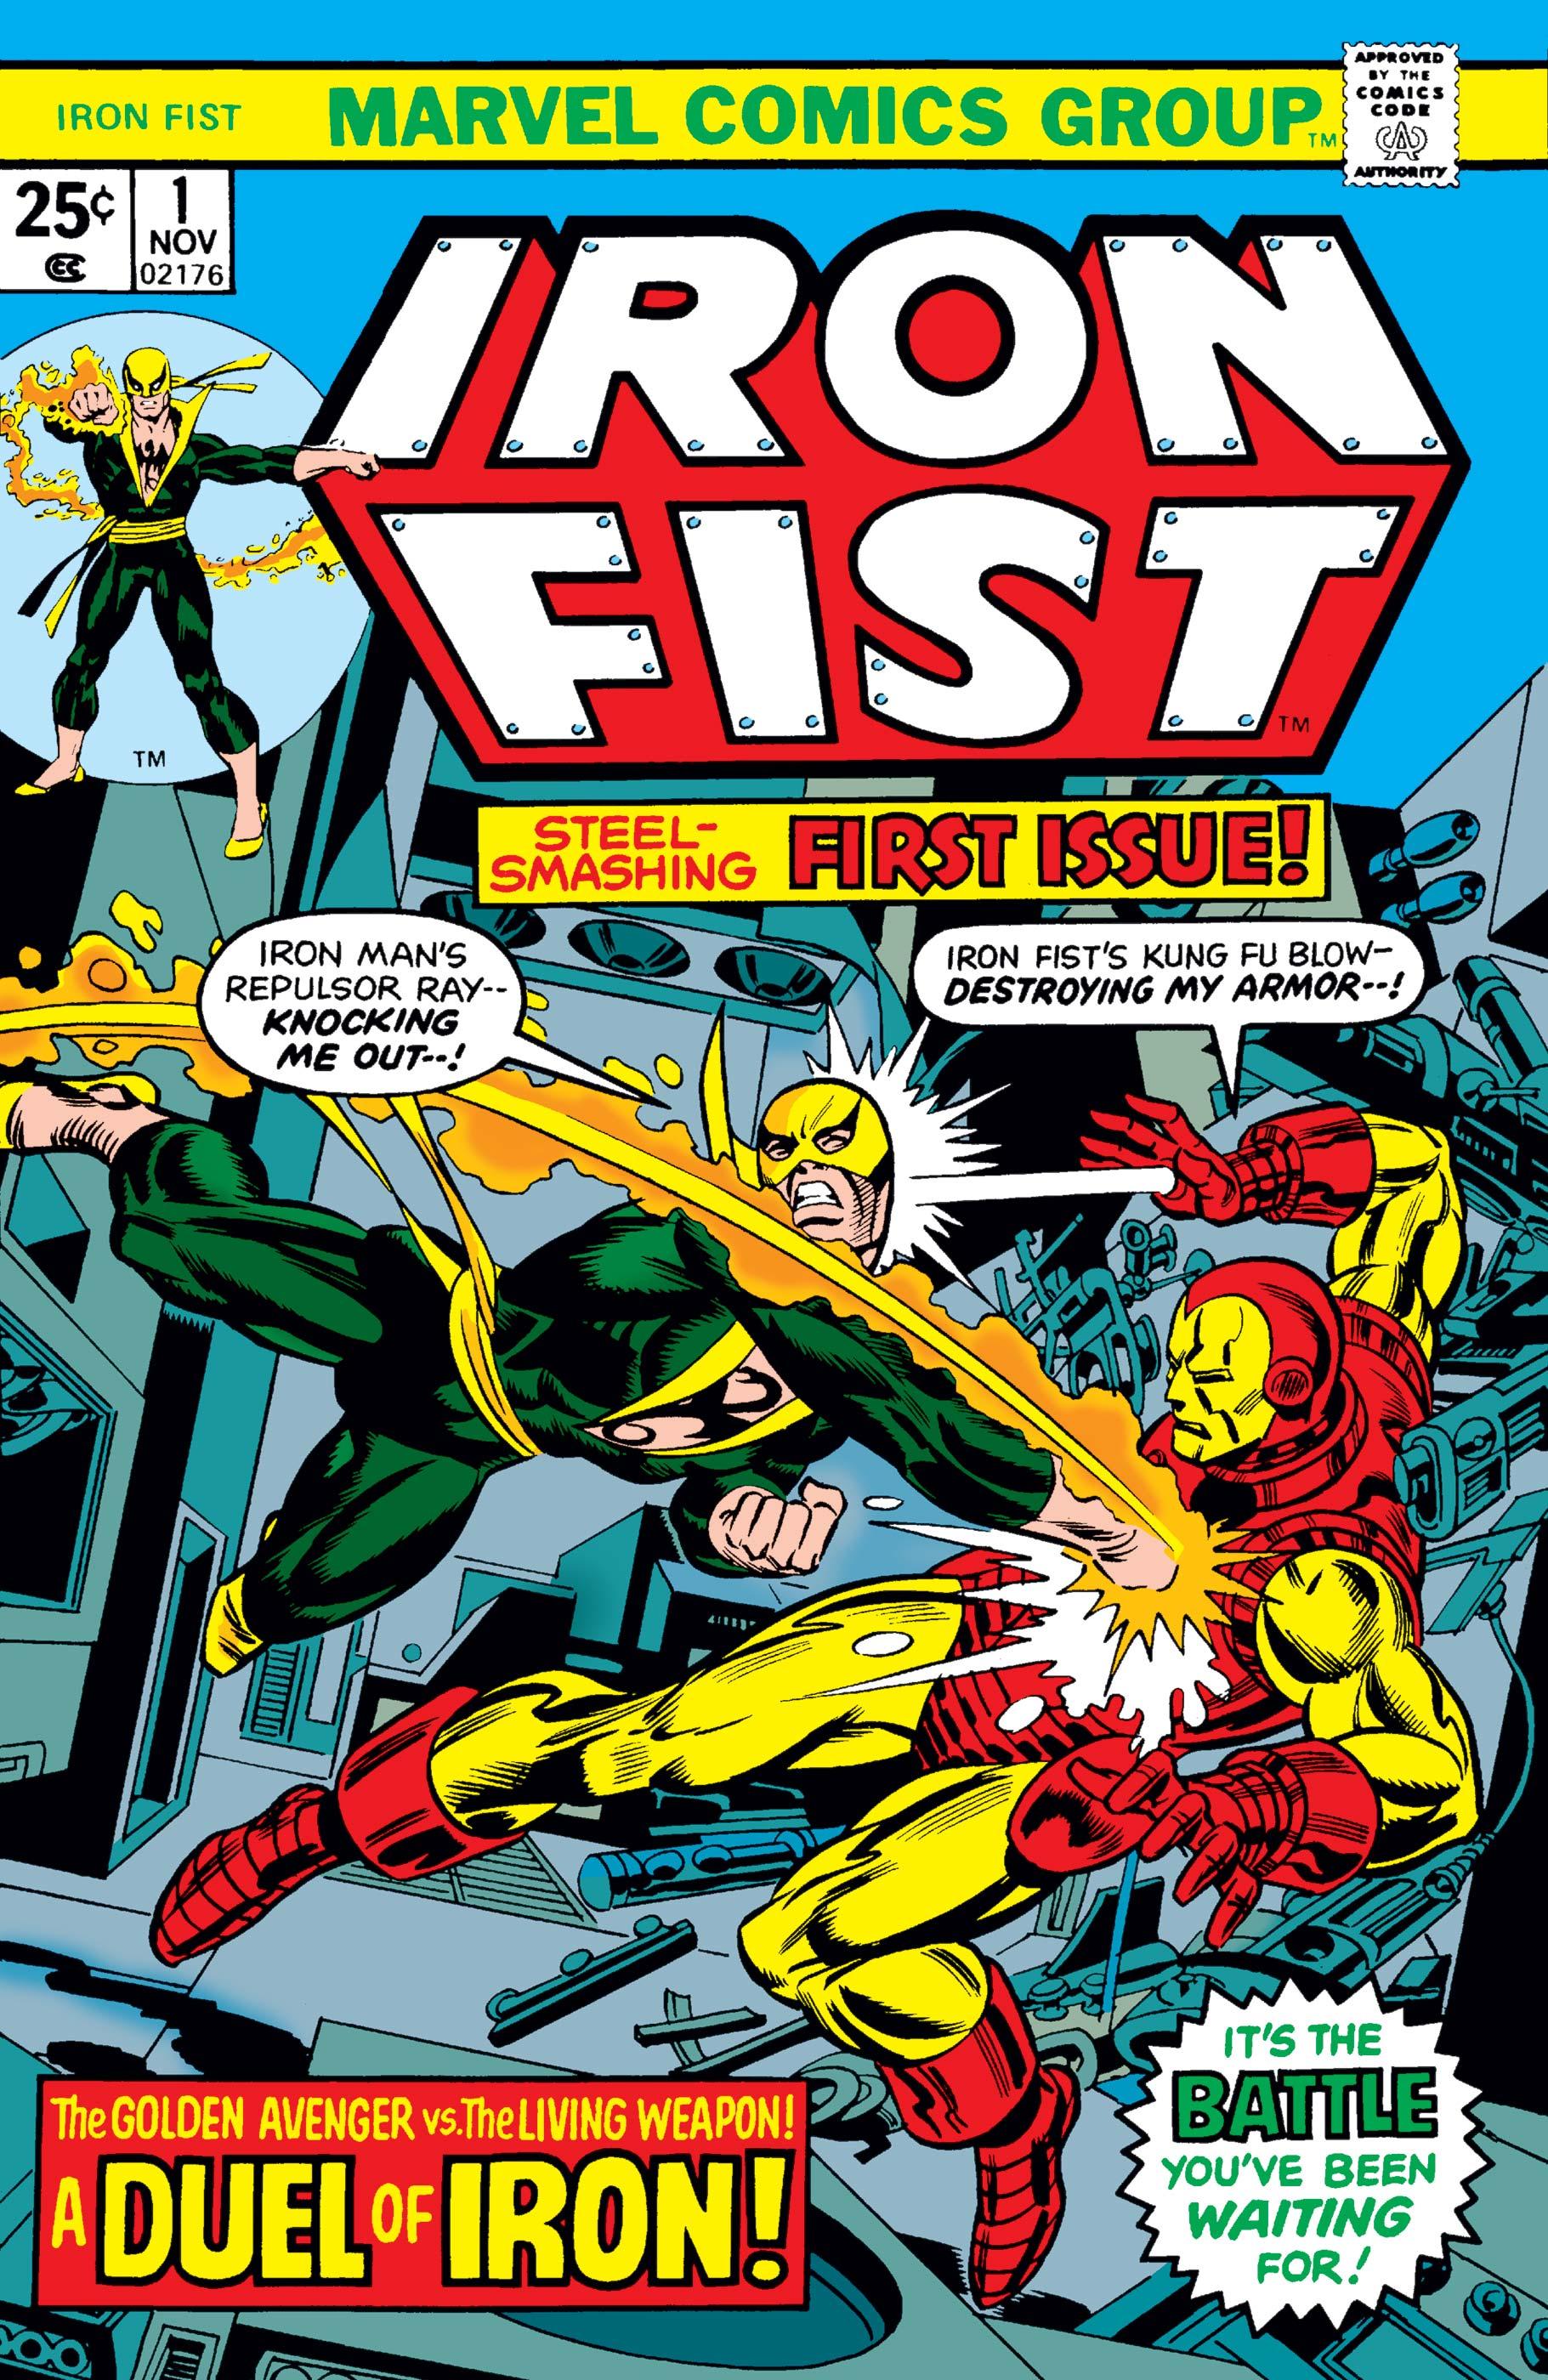 Iron Fist (1975) #1